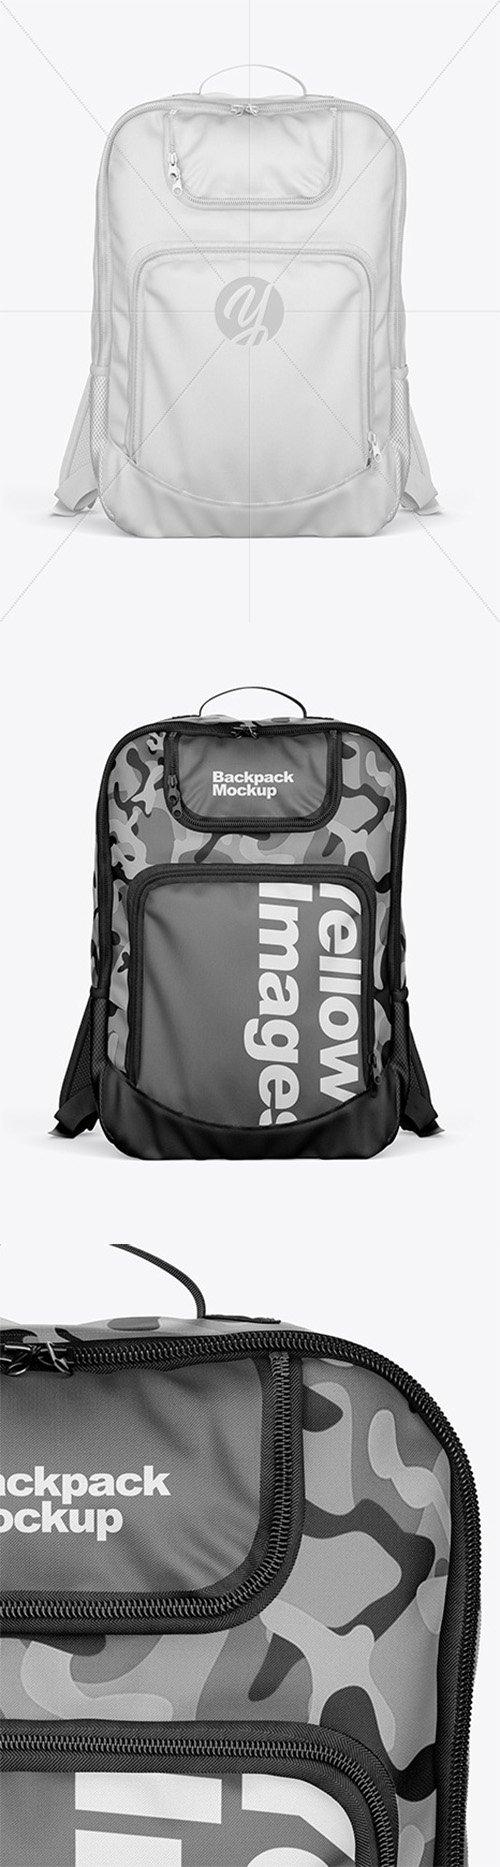 Backpack Mockup 52027 TIF